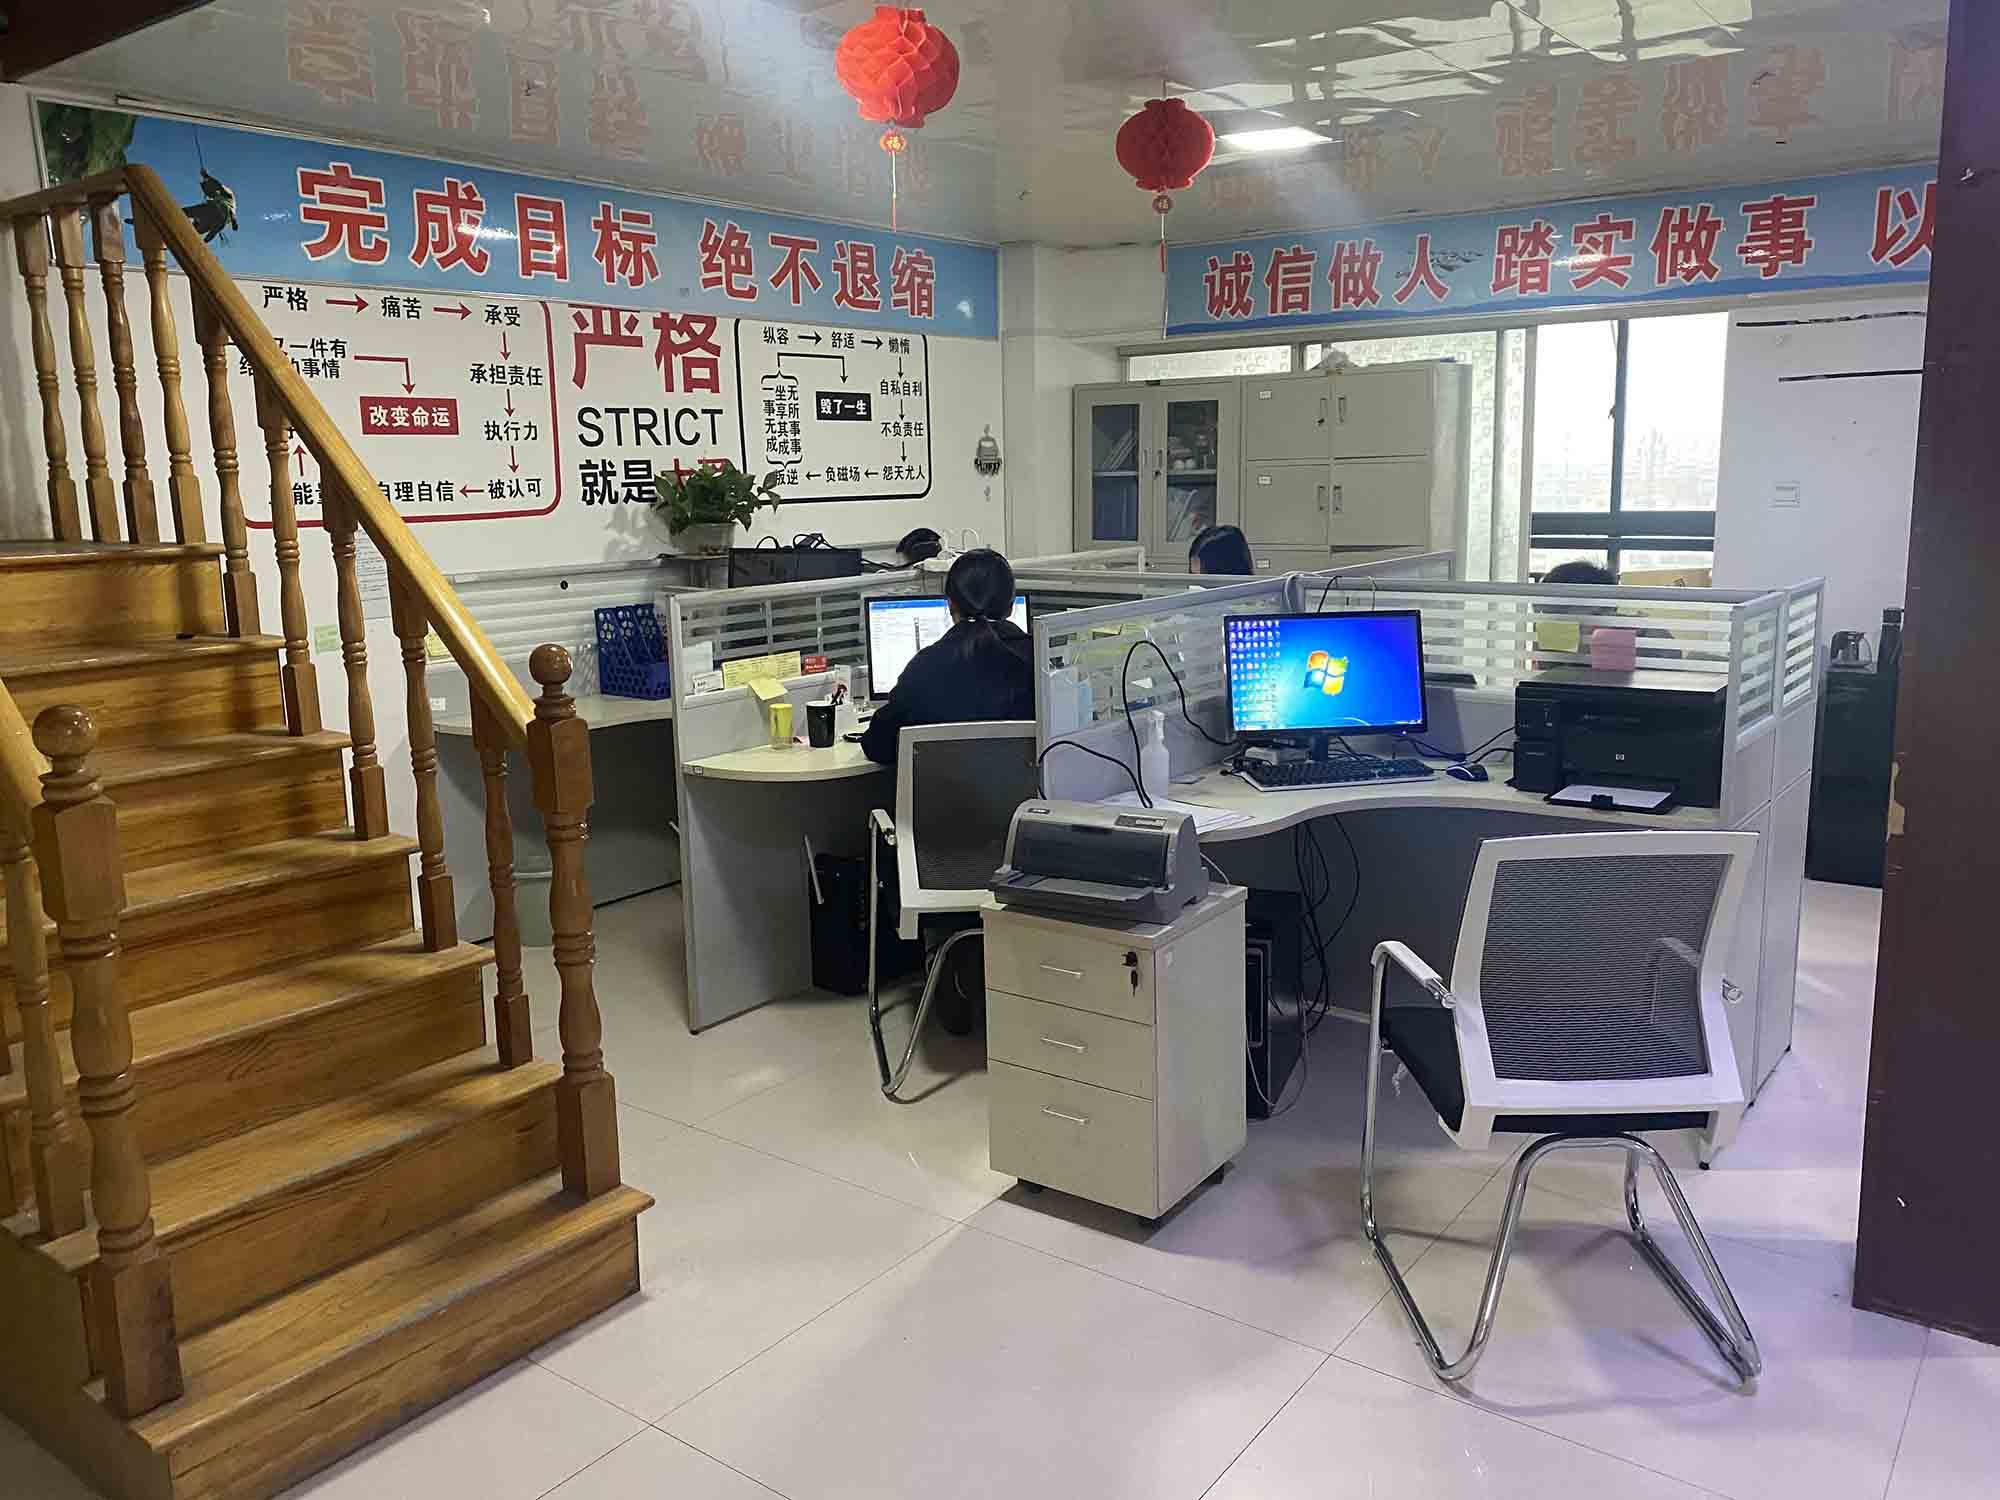 菏泽办理公司注册机构-郓城注册公司机构-郓城代理公司注册